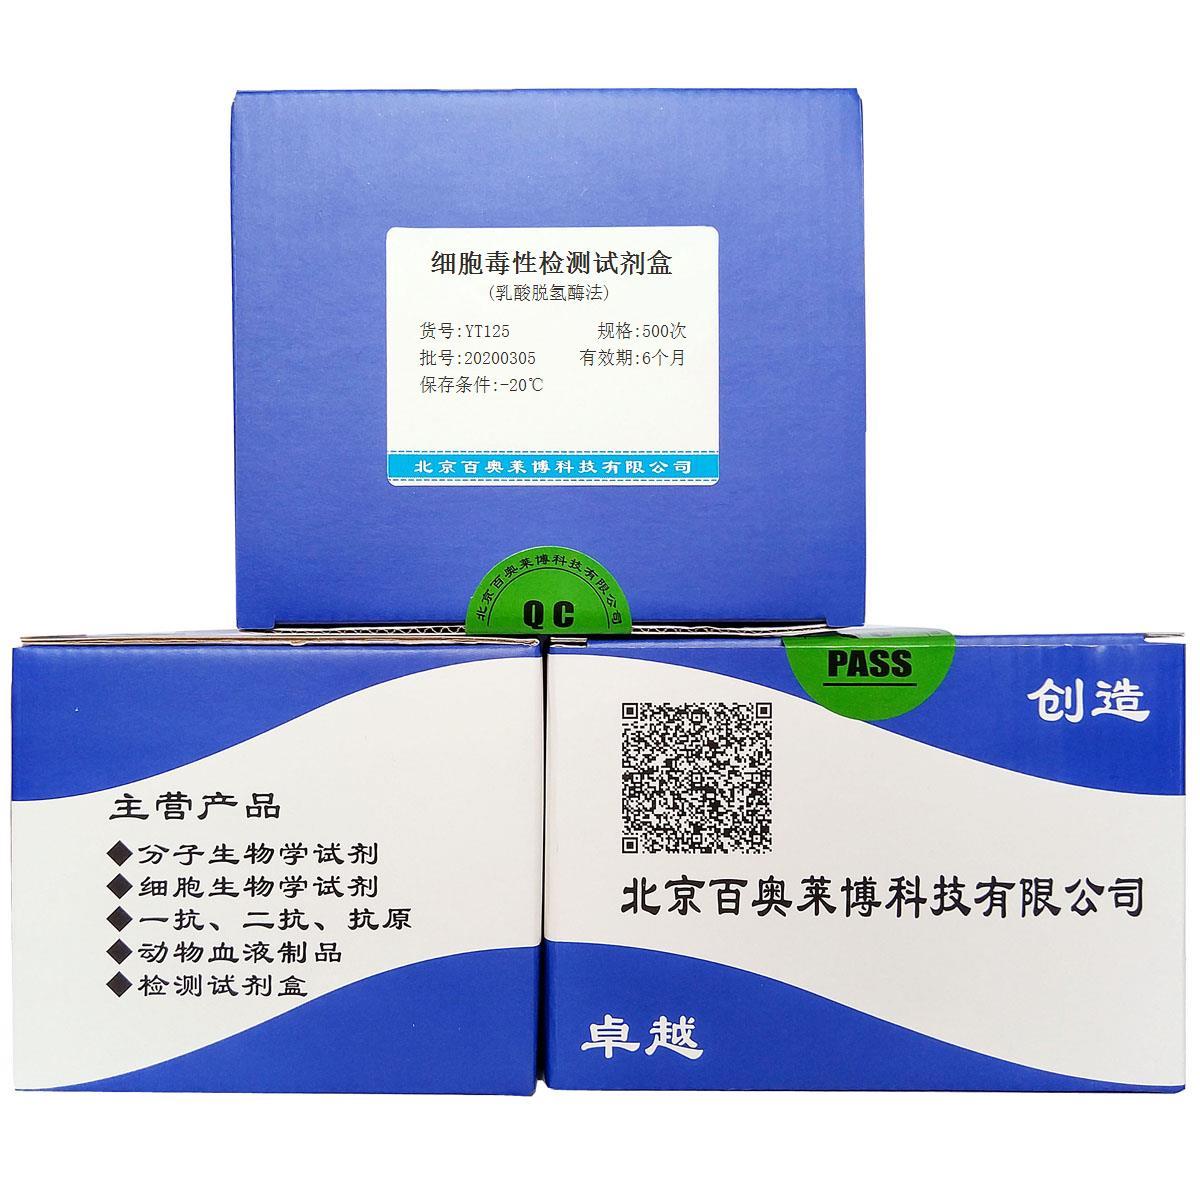 细胞毒性检测试剂盒(乳酸脱氢酶法)报价